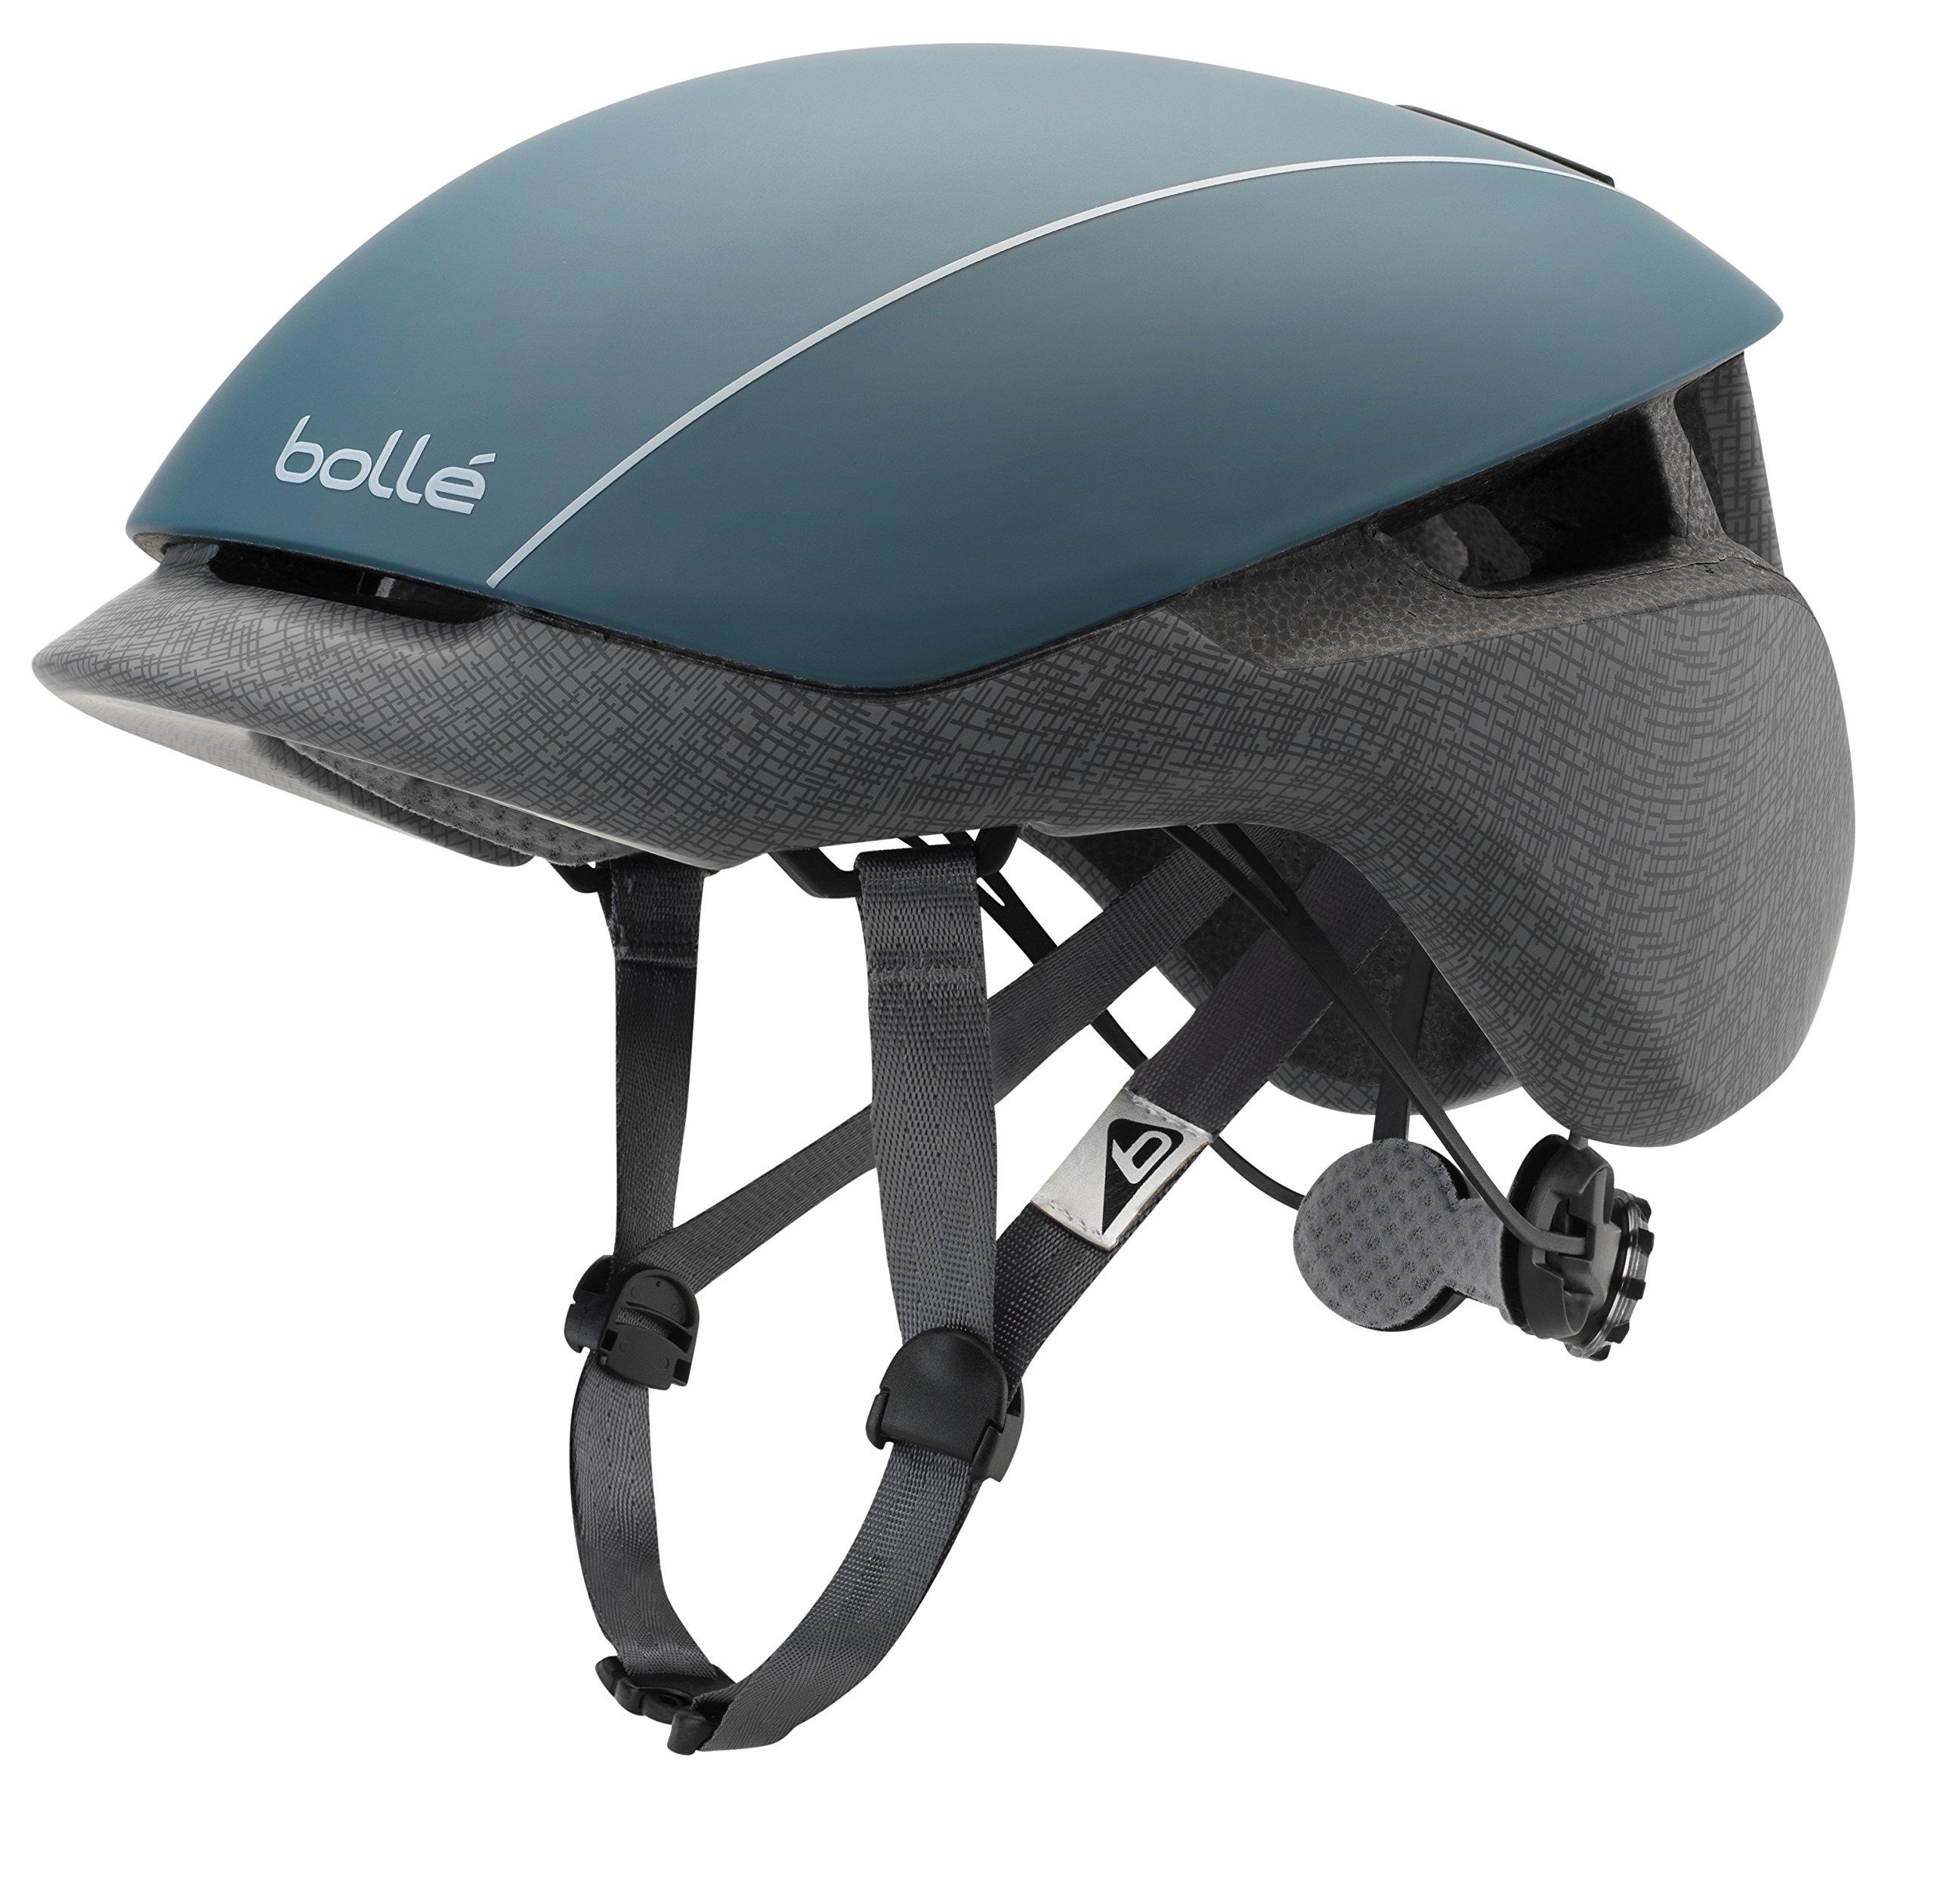 bollé Erwachsene Messenger Standard Cycling Helmets, Petrol Grey Matte, Medium